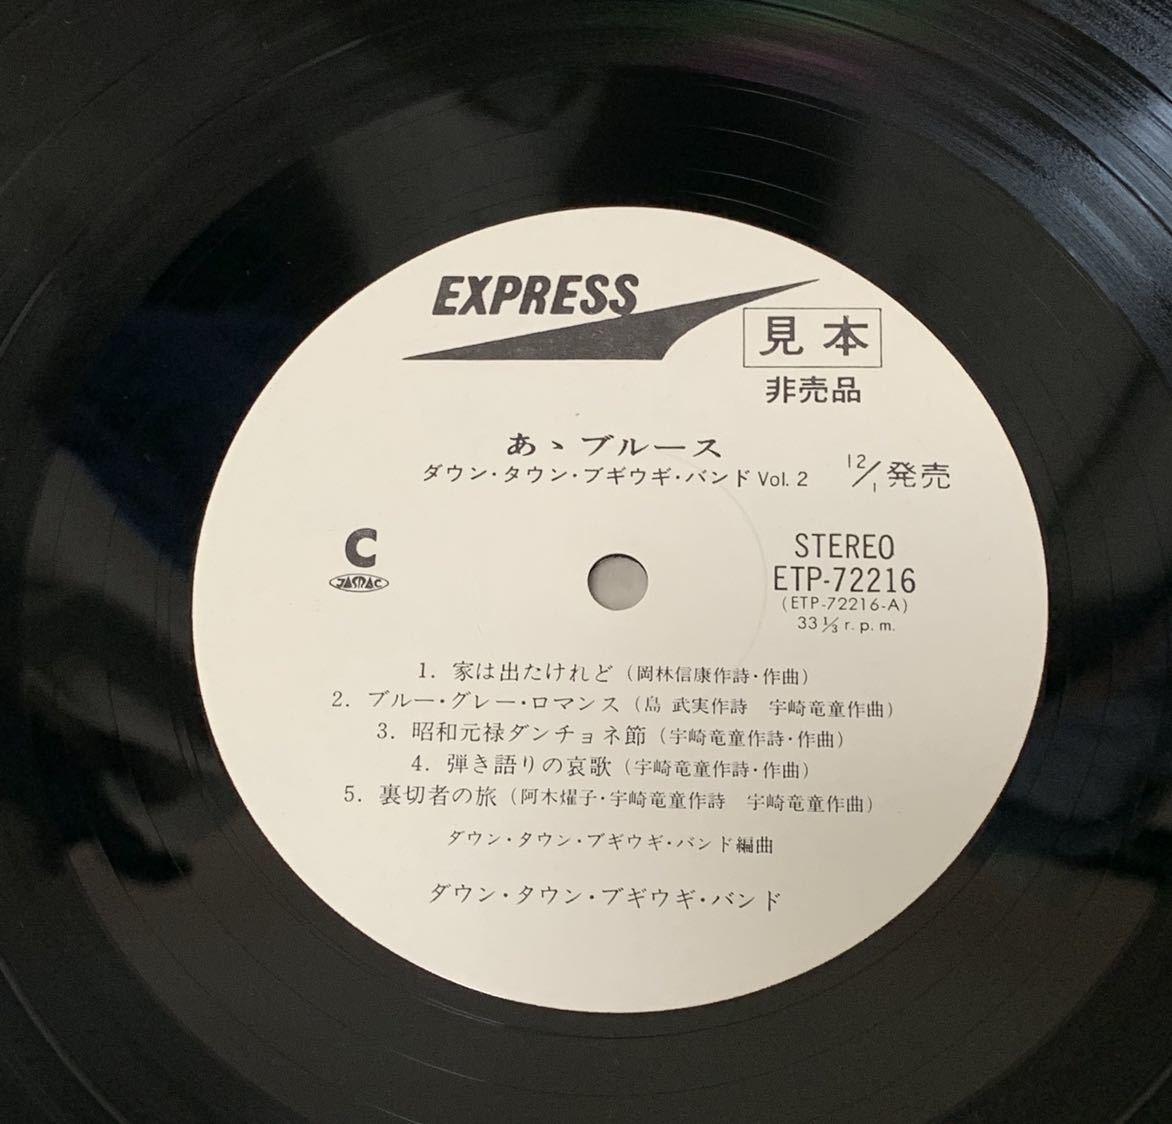 【LP レコード 見本盤 非売品】ETR-72216 ダウン・タウン・ブギウギ・バンド あゝブルース 音楽 日本 ロック ポップス コレクション_画像3